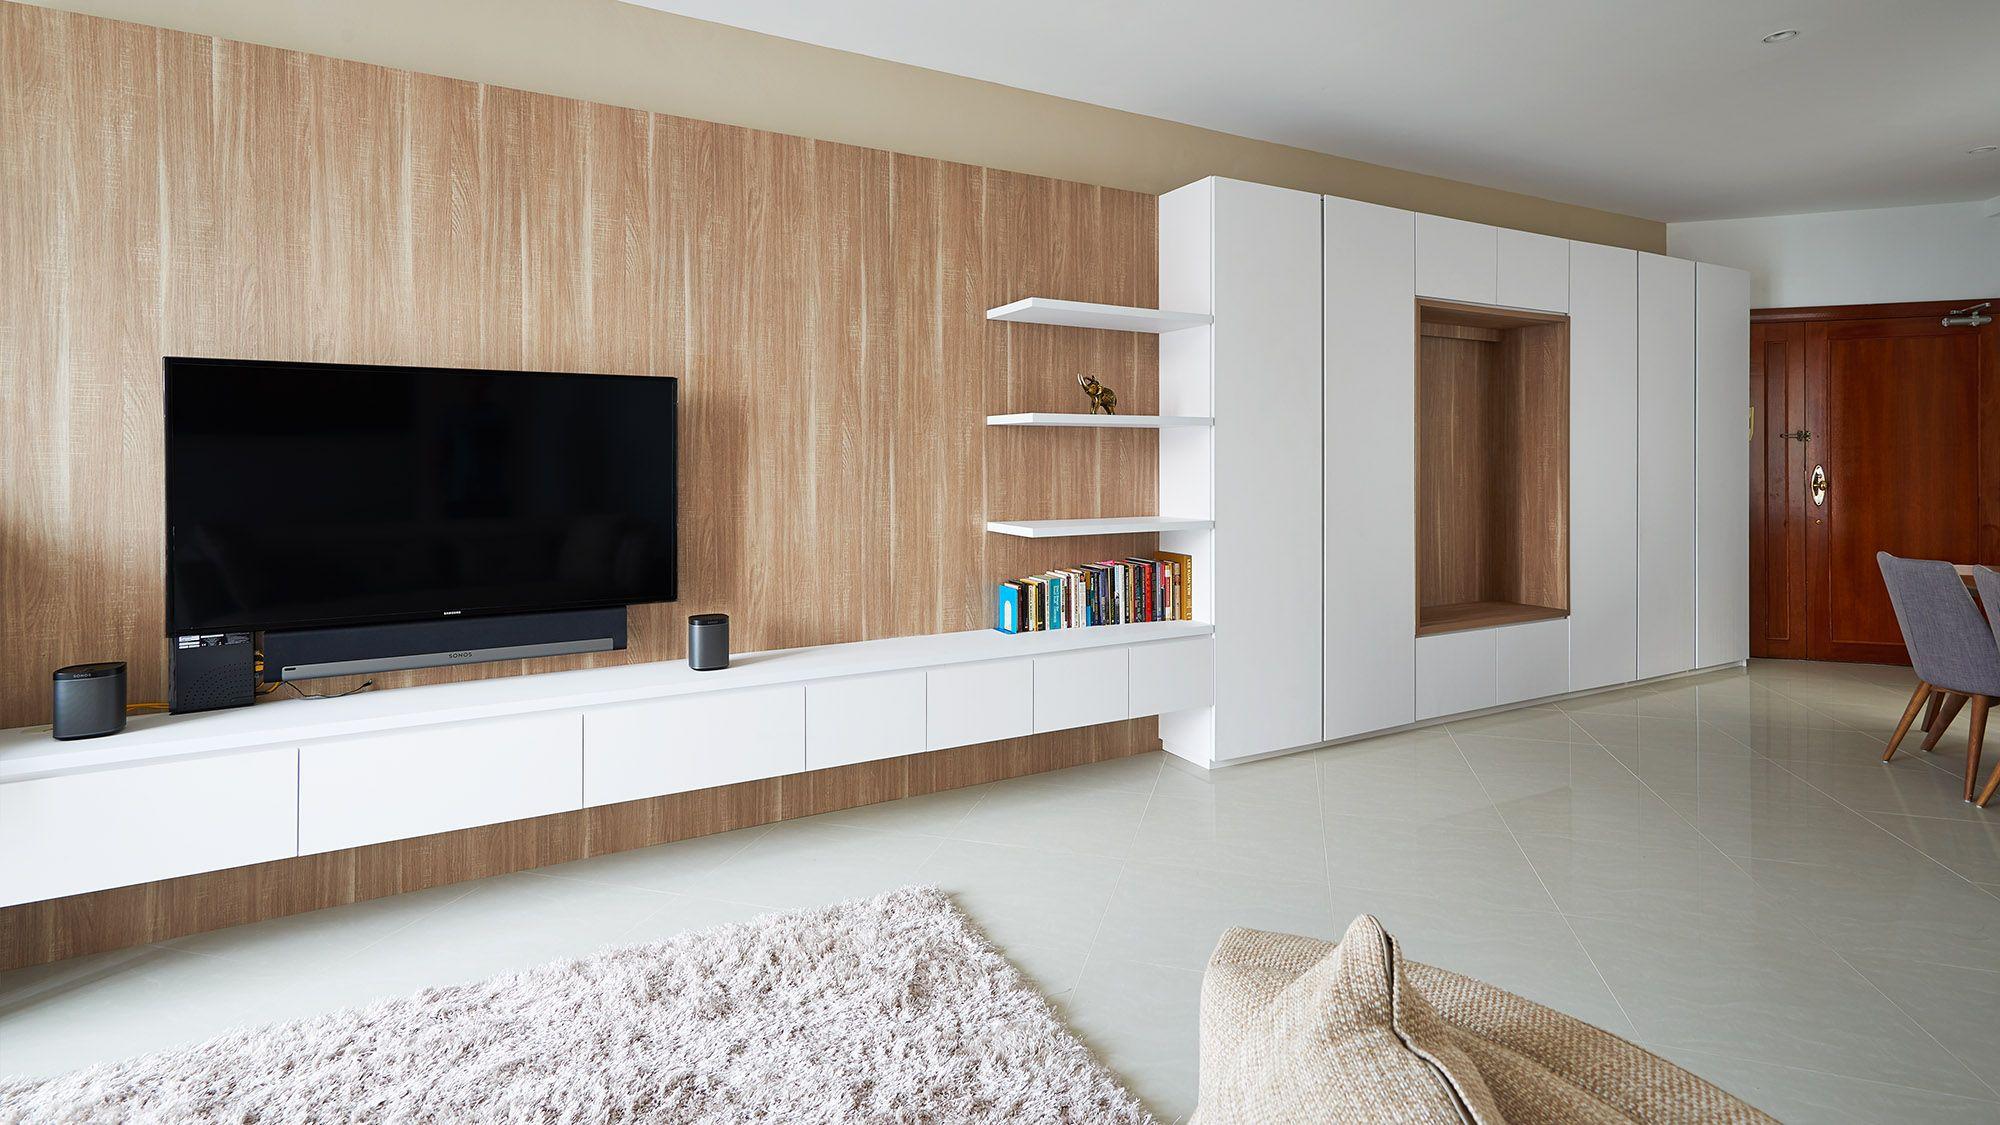 Bayshore modern contemporary home decor singapore for Living room interior design singapore